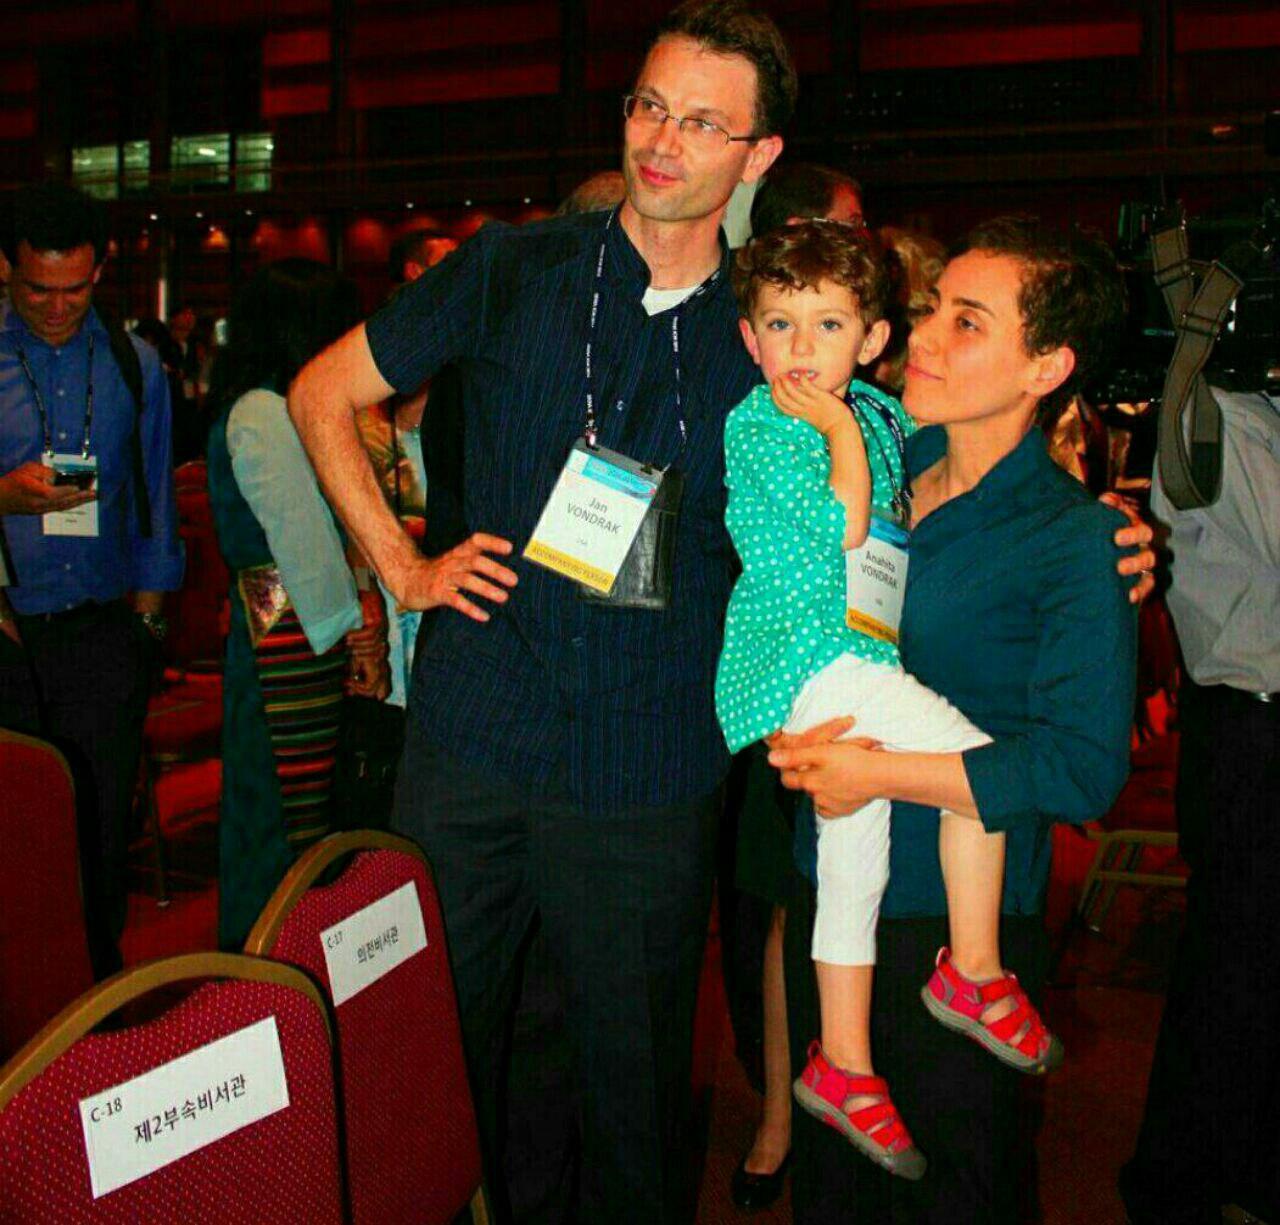 مریم میرزاخانی در کنار همسر و فرزندش(+عکس)